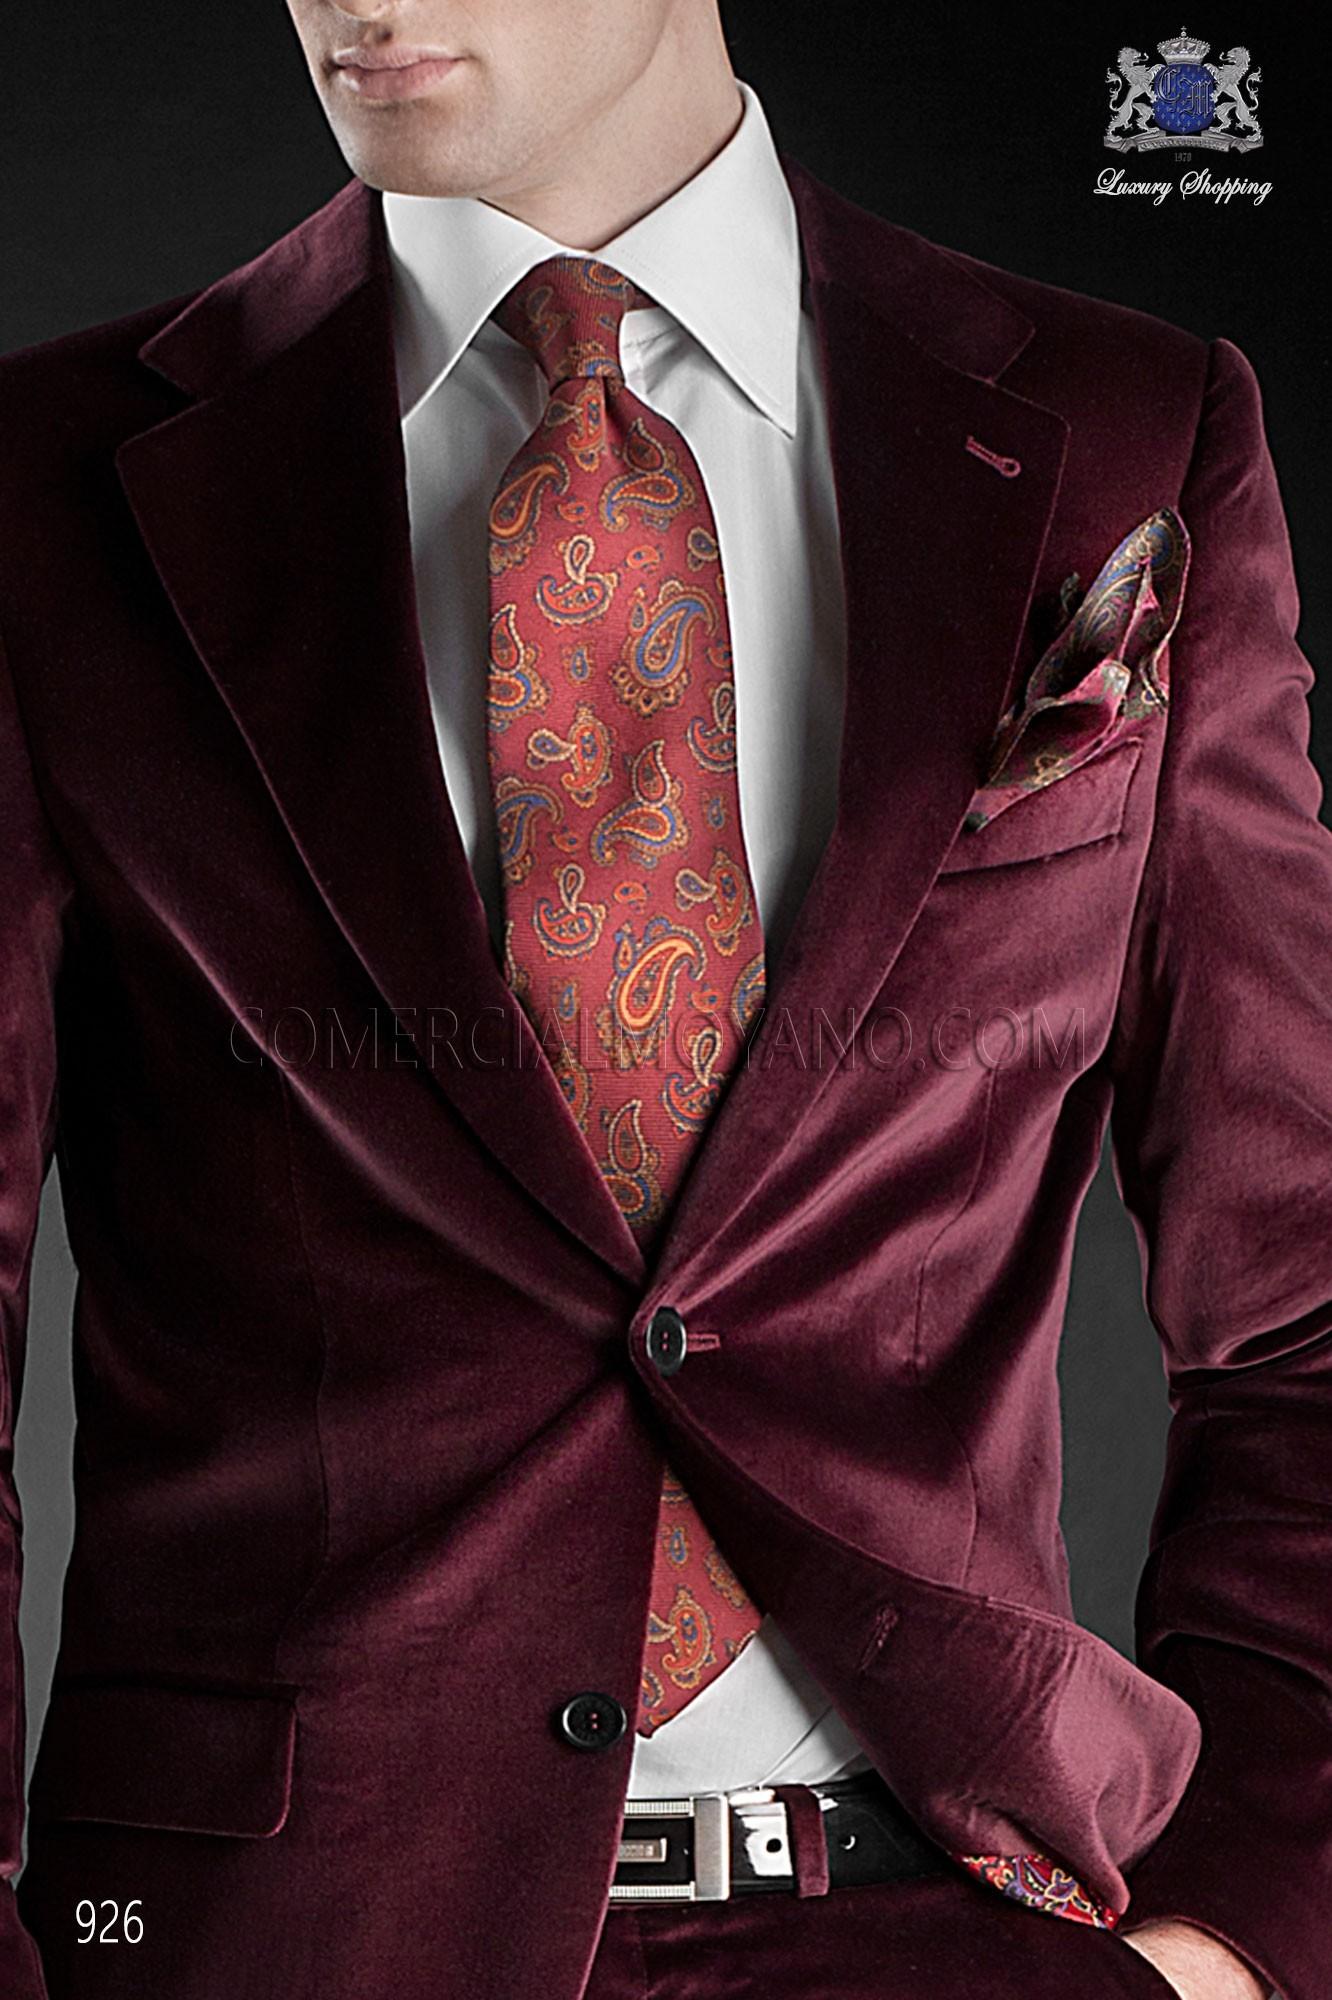 Italian blacktie red men wedding suit, model: 926 Ottavio Nuccio Gala 2017 Black Tie Collection